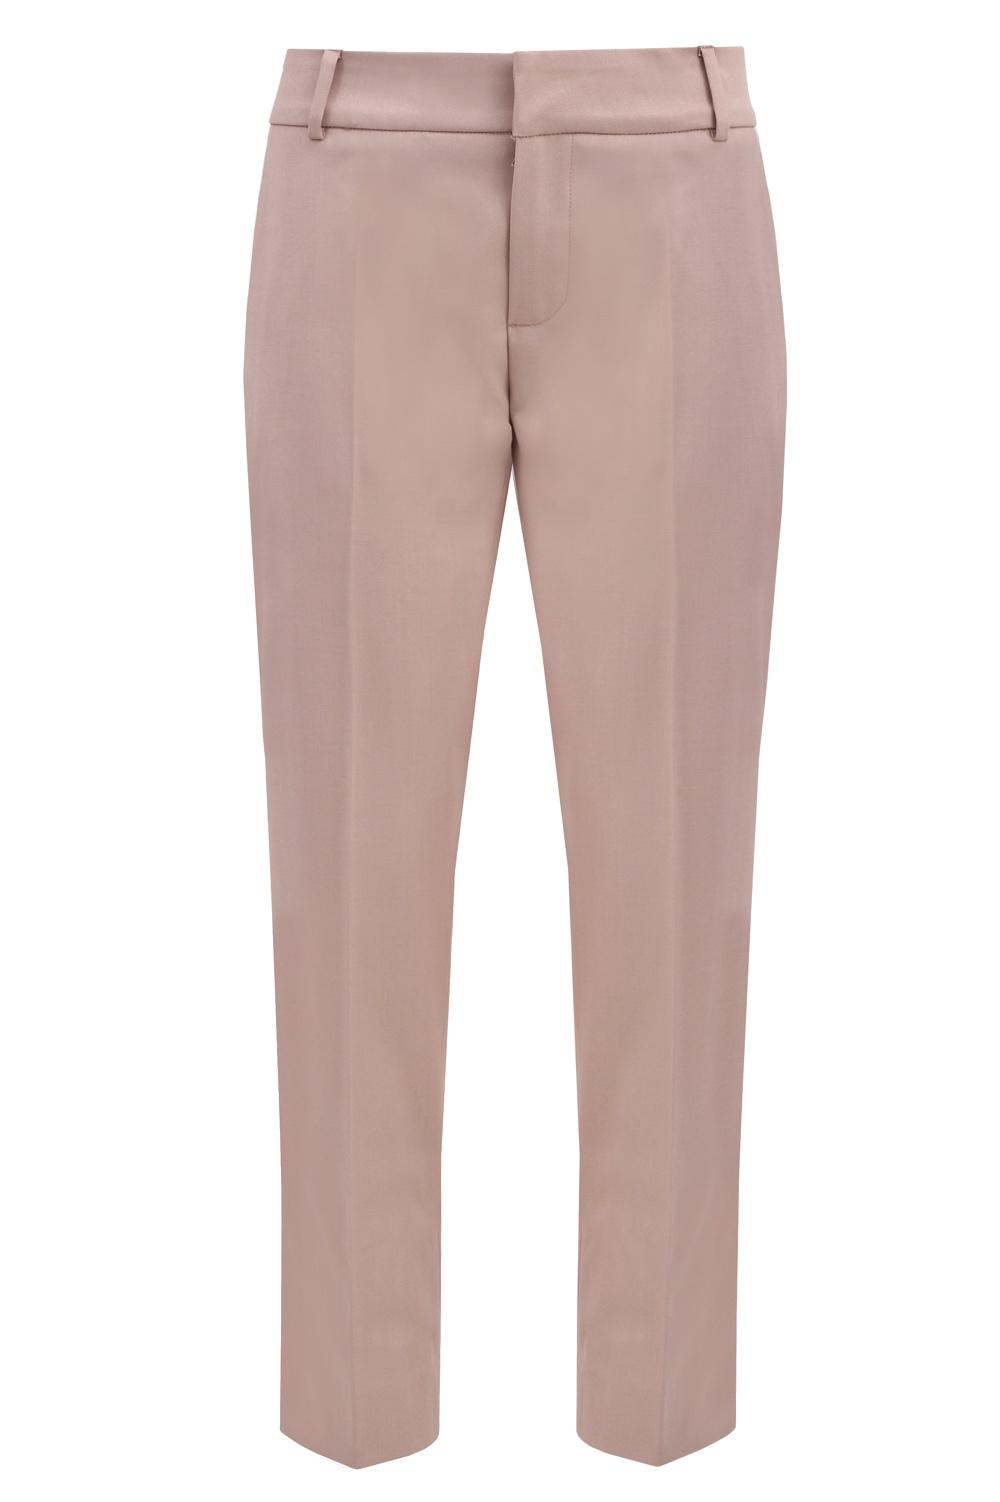 spodnie cygaretki brudny róż